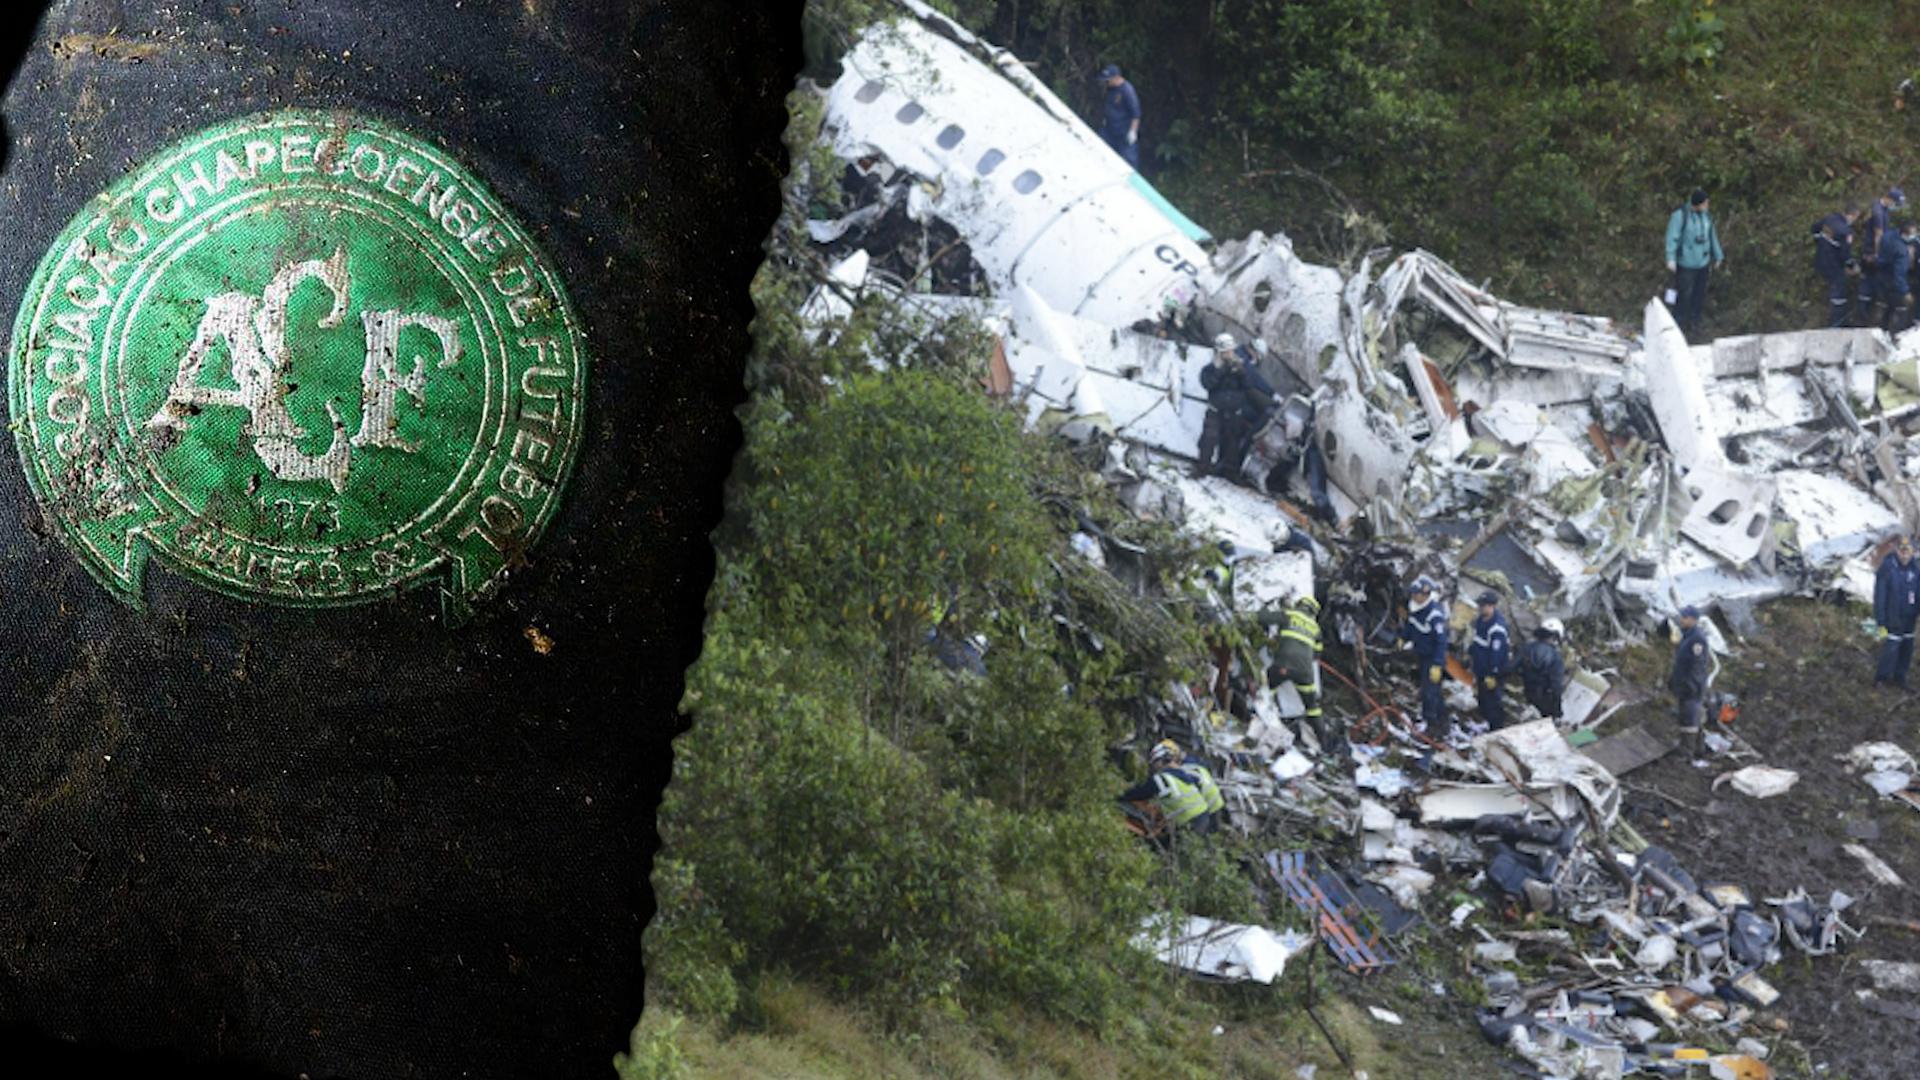 مروری بر عکس های حادثه تلخ سقوط هواپیمای تیم چاپه کوئنسه